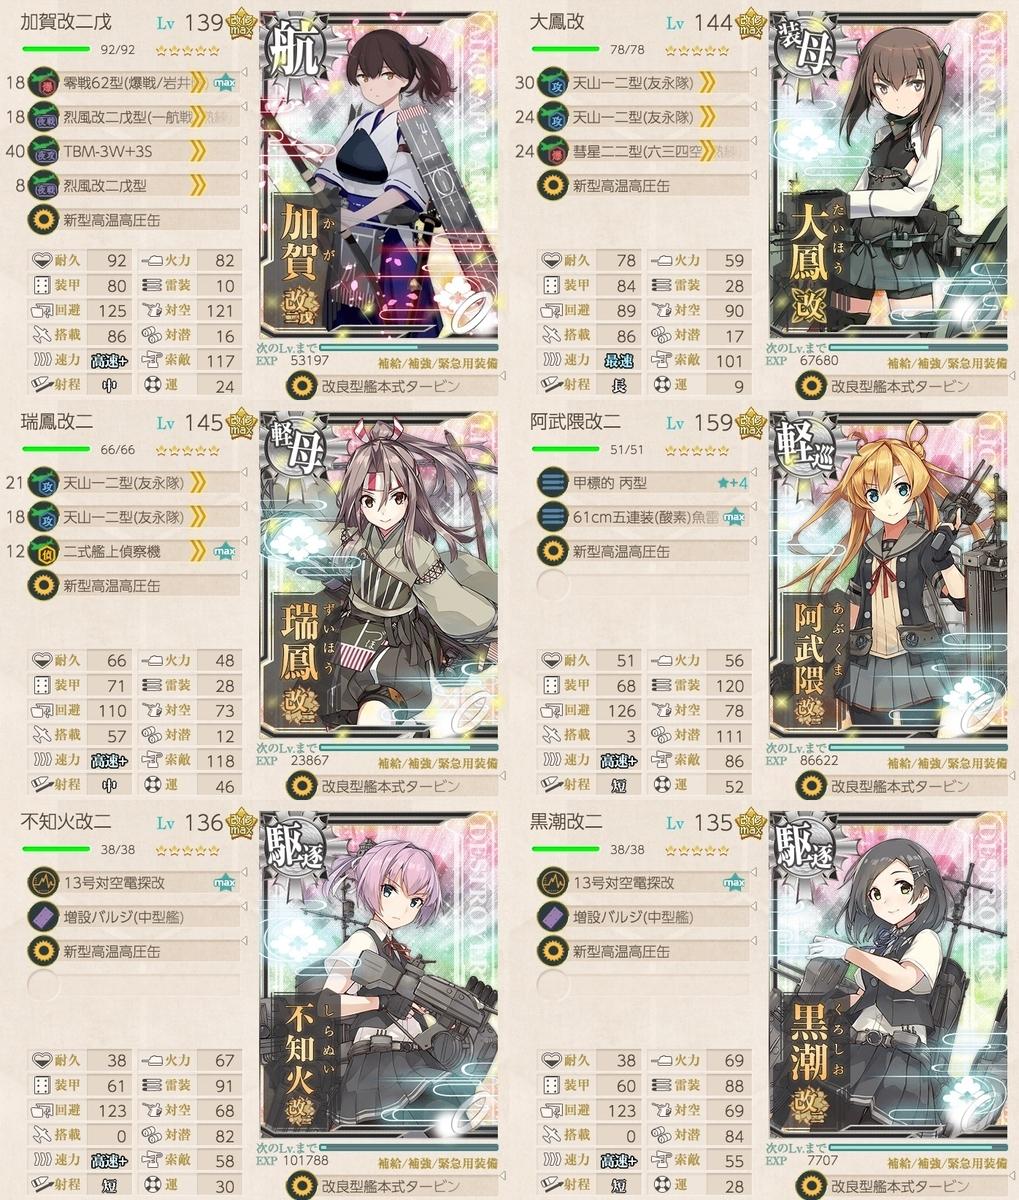 f:id:nameless_admiral:20210101151105j:plain